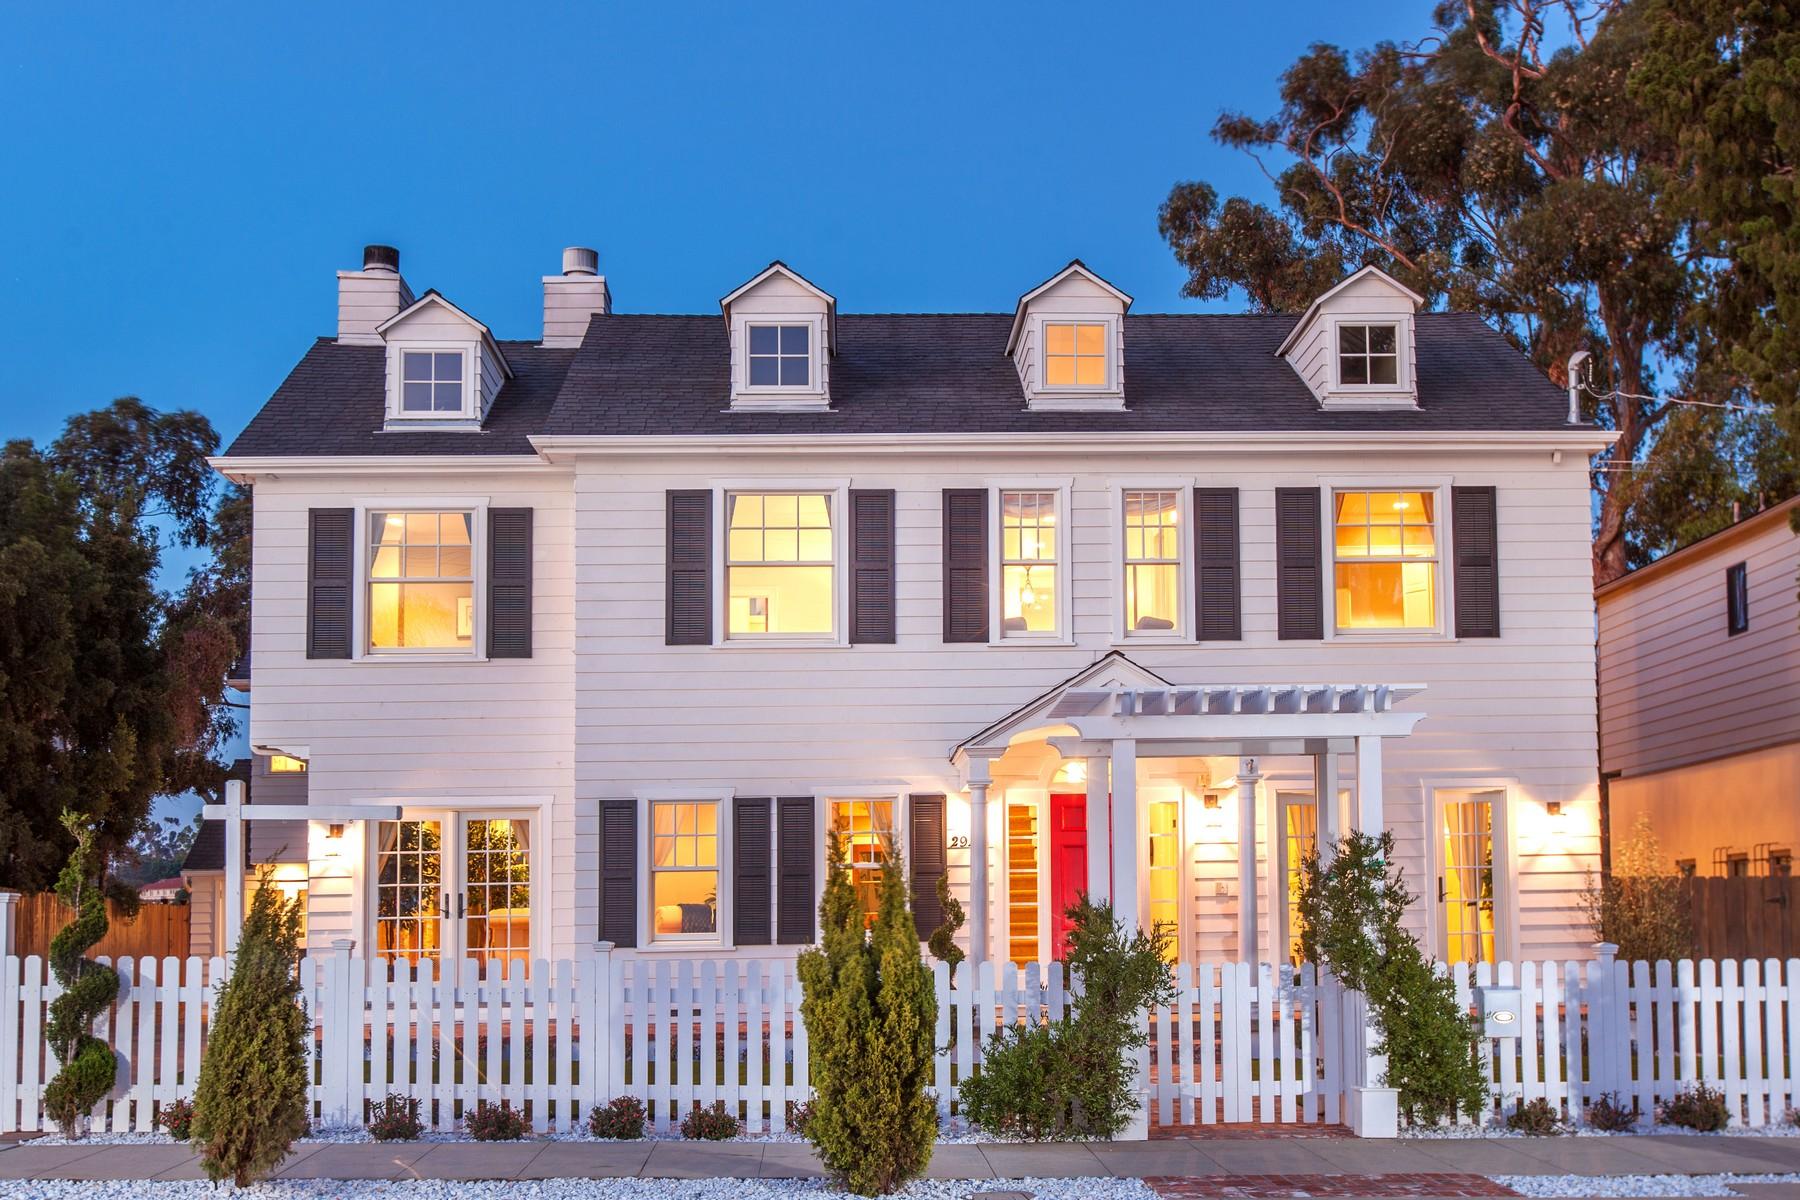 Casa Unifamiliar por un Venta en 2929 Union St. Mission Hills, San Diego, California 92103 Estados Unidos